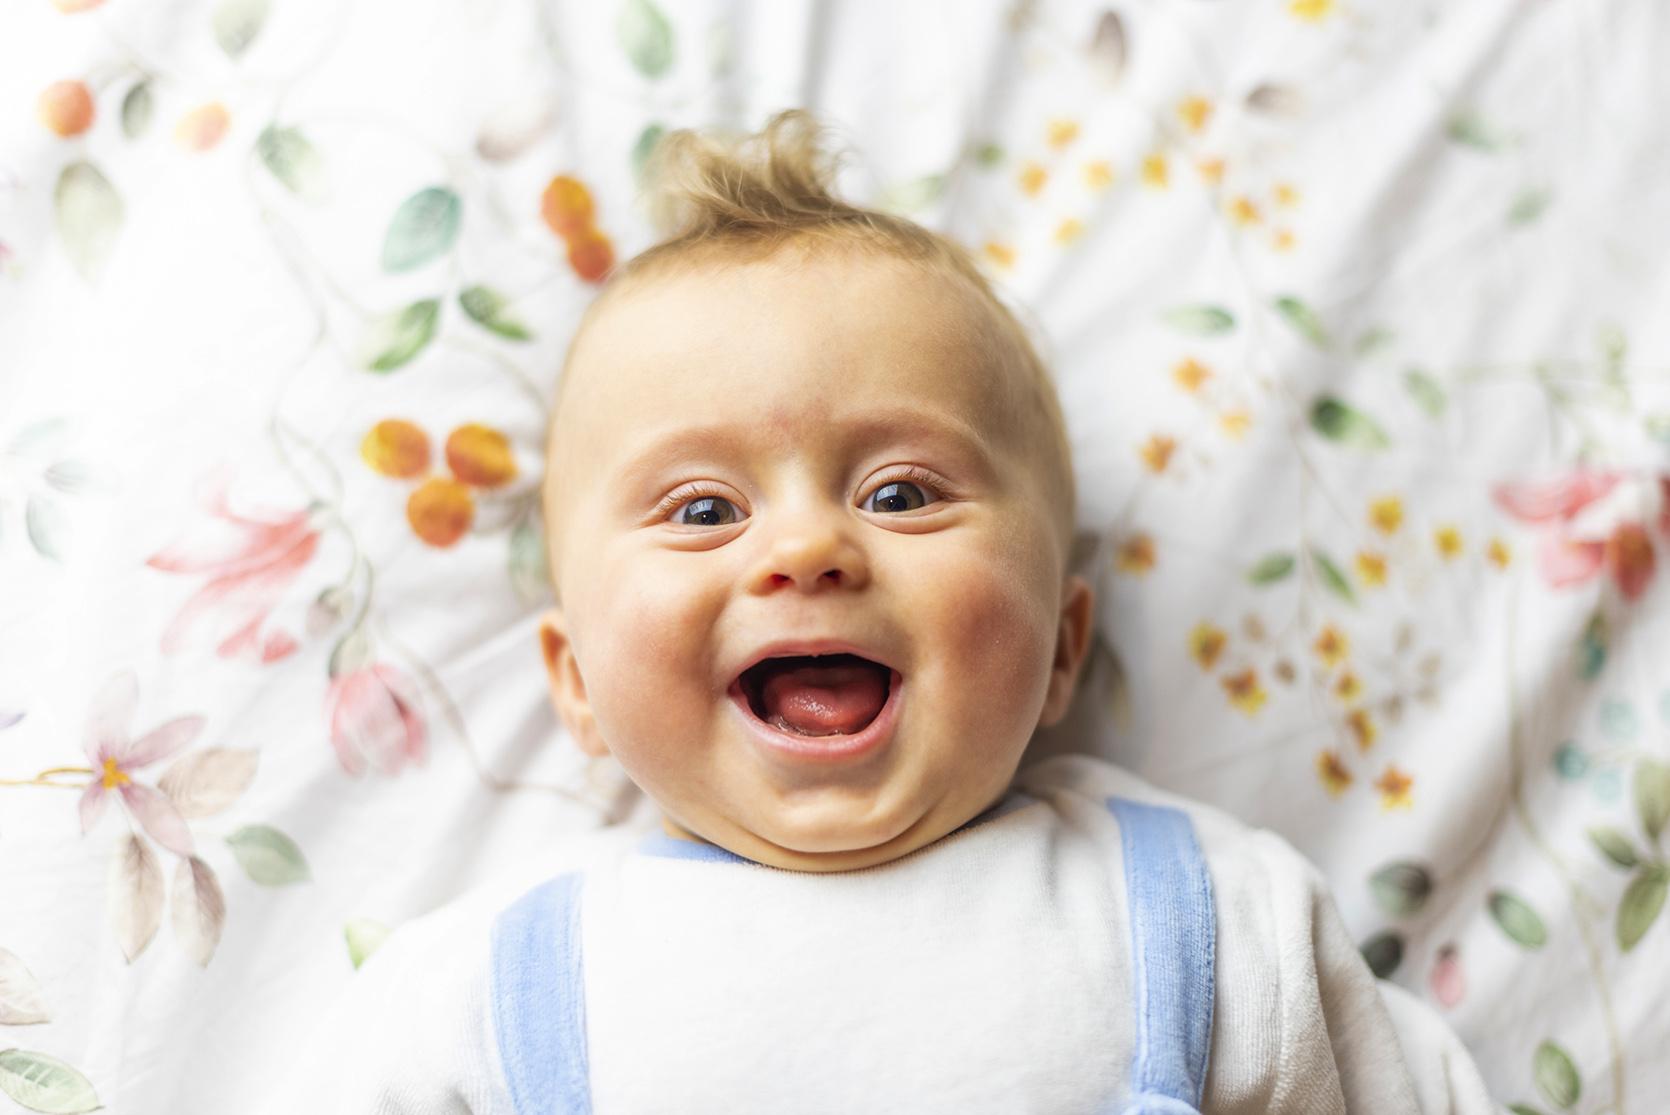 Melodie dla niemowlaka - jakiej muzyki powinni słuchać najmłodsi?/fot. Getty Images